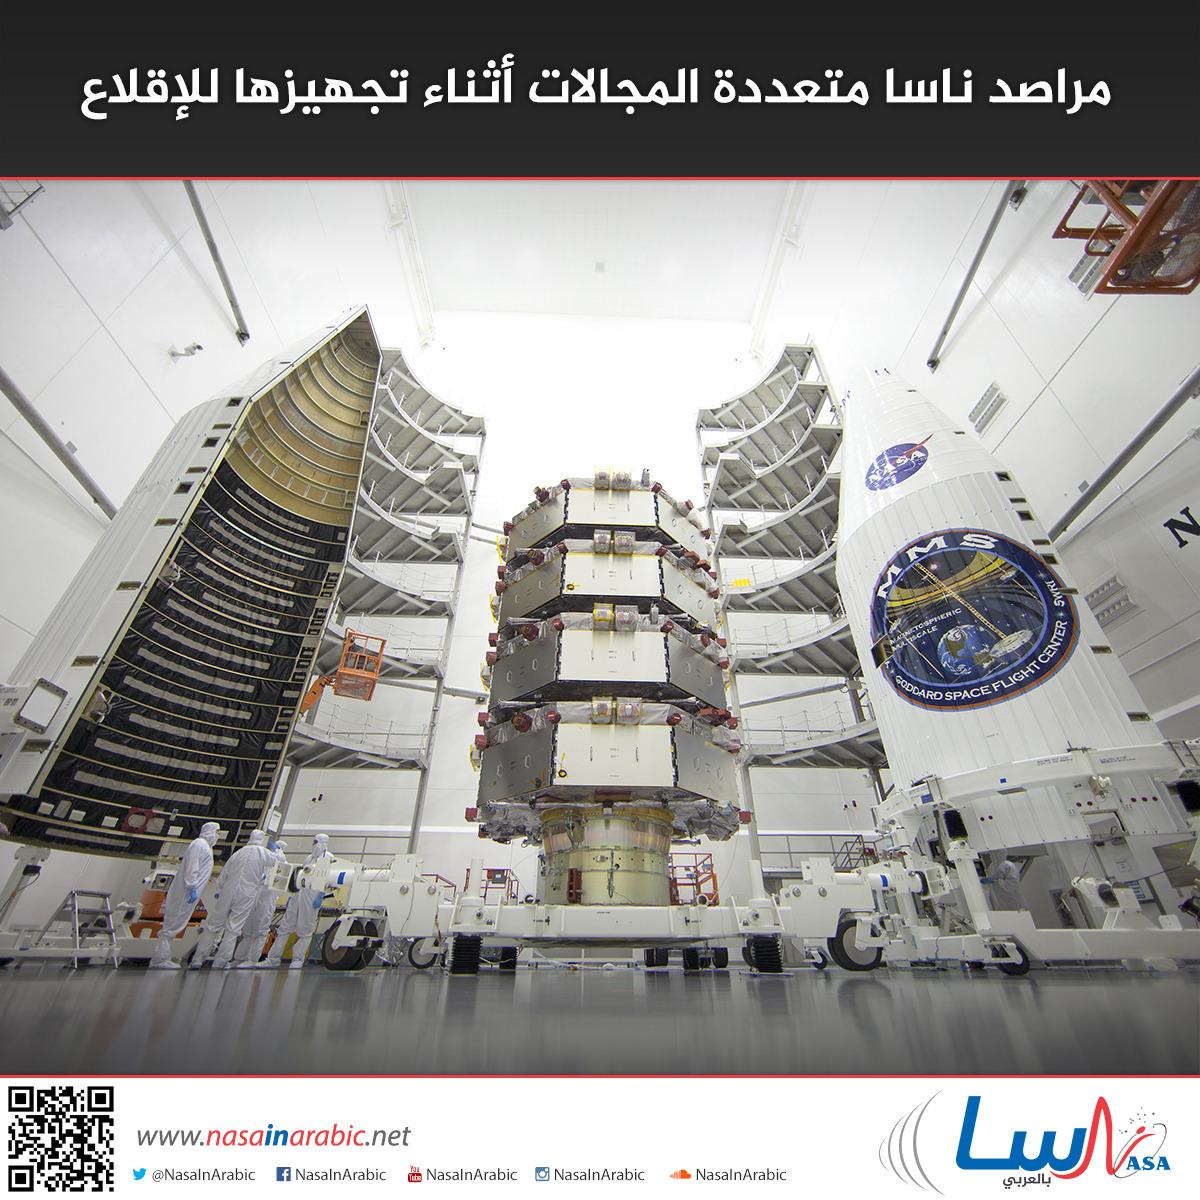 مراصد ناسا متعددة المجالات أثناء تجهيزها للإقلاع